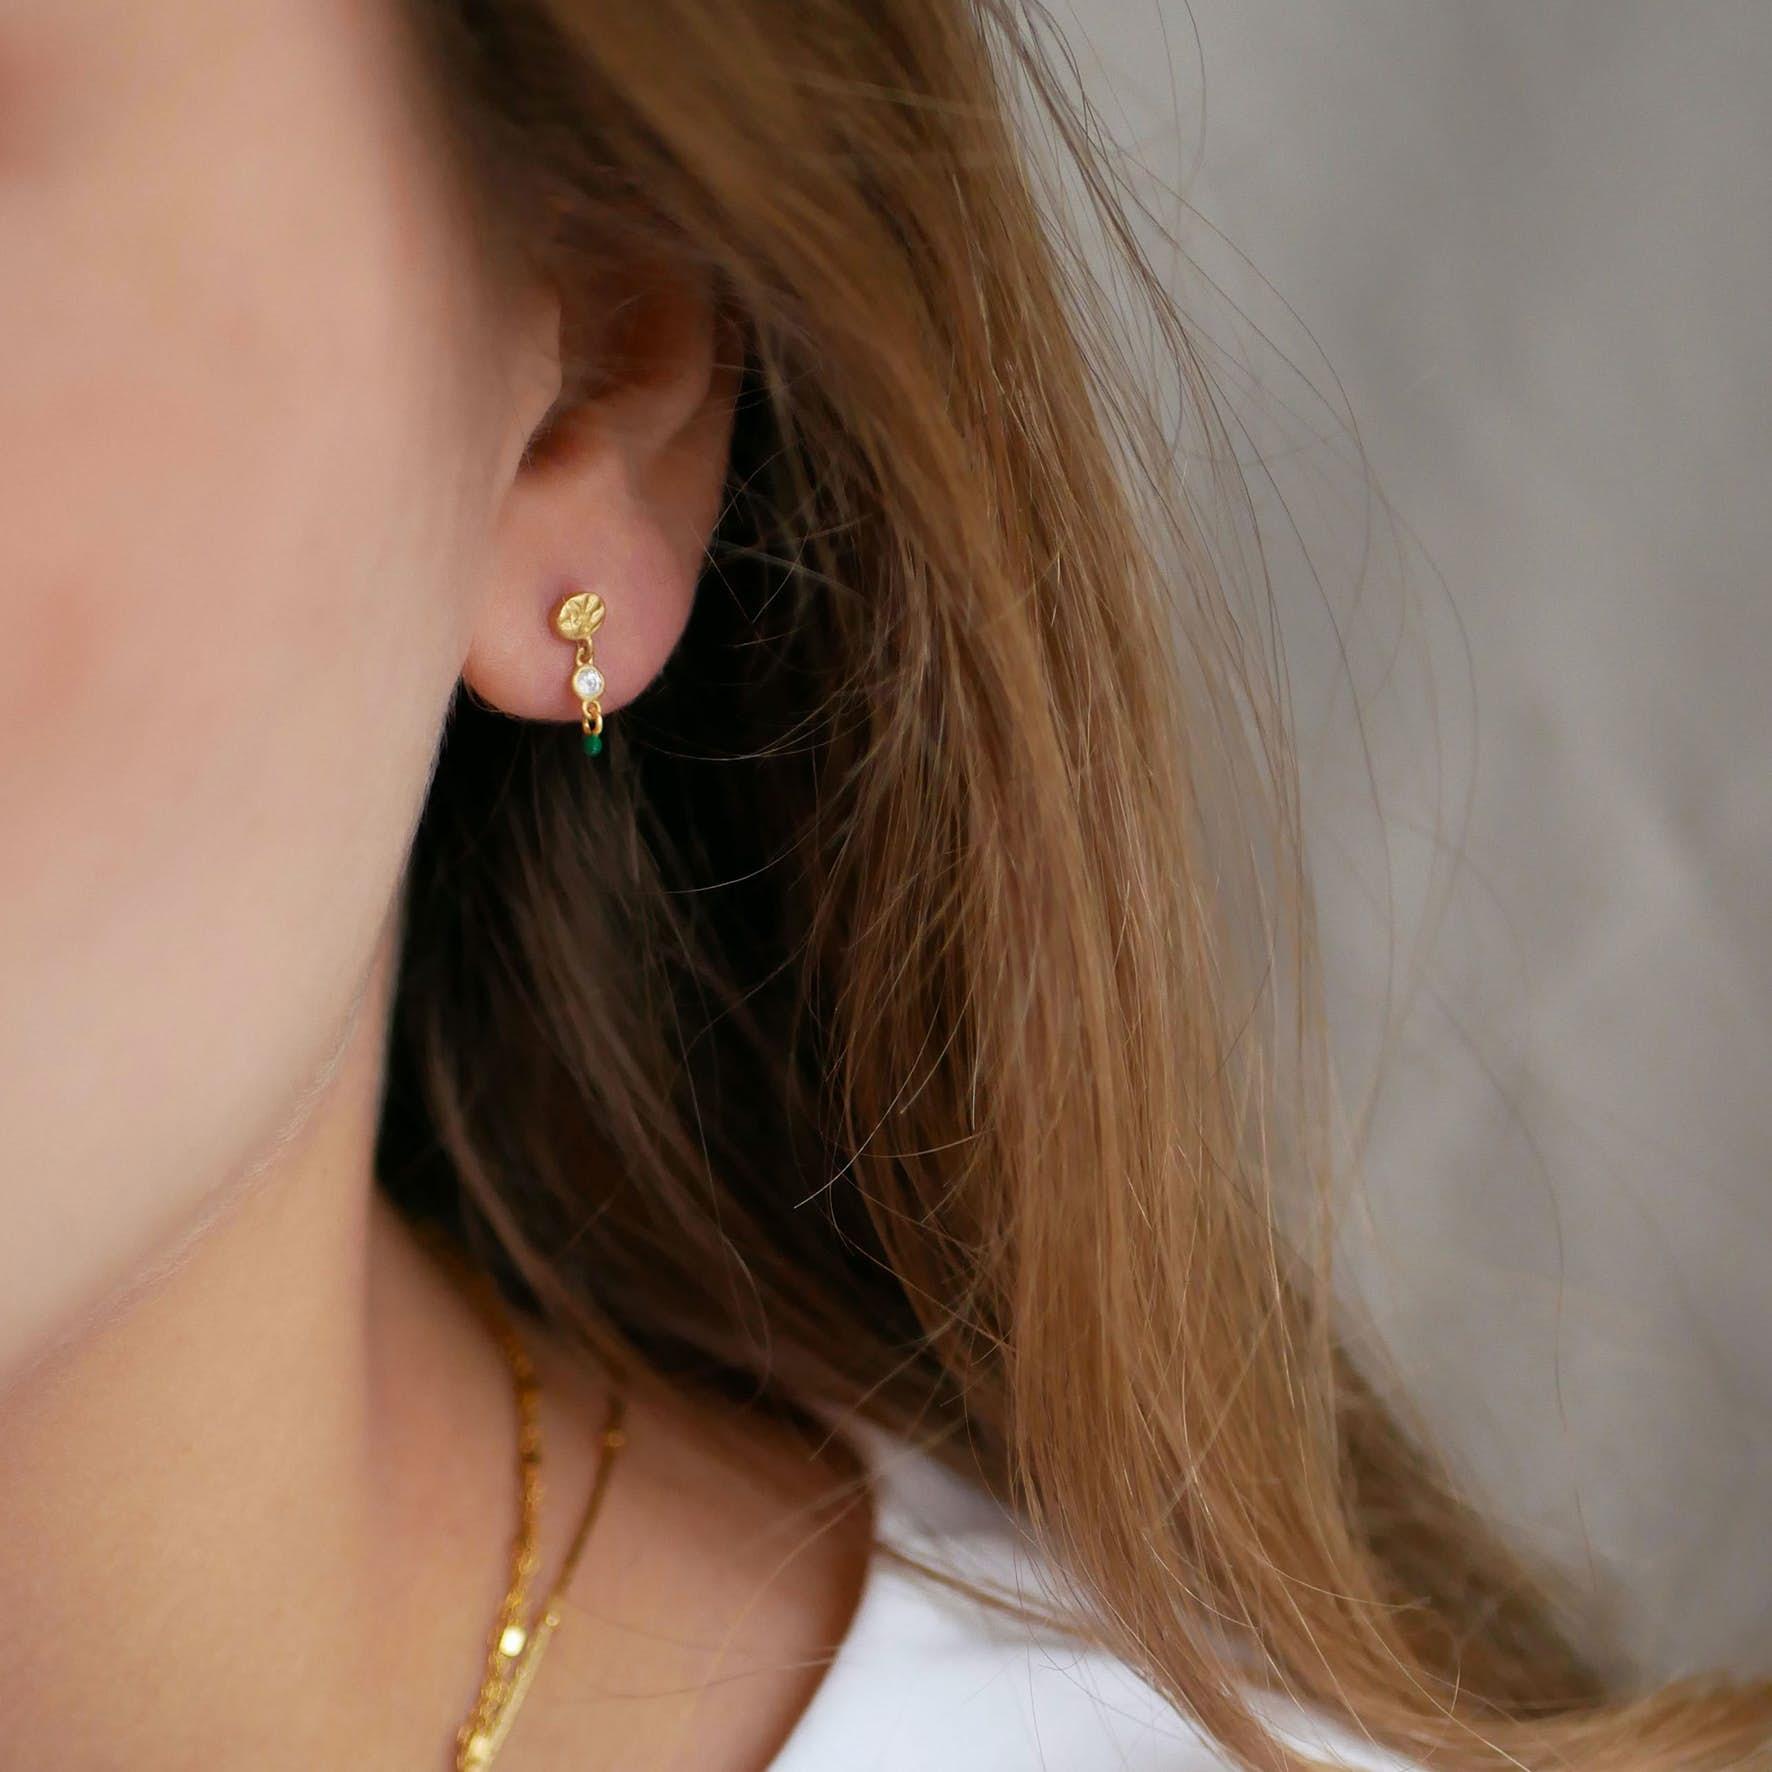 Gro Earrings fra Enamel Copenhagen i Forgyldt-Sølv Sterling 925